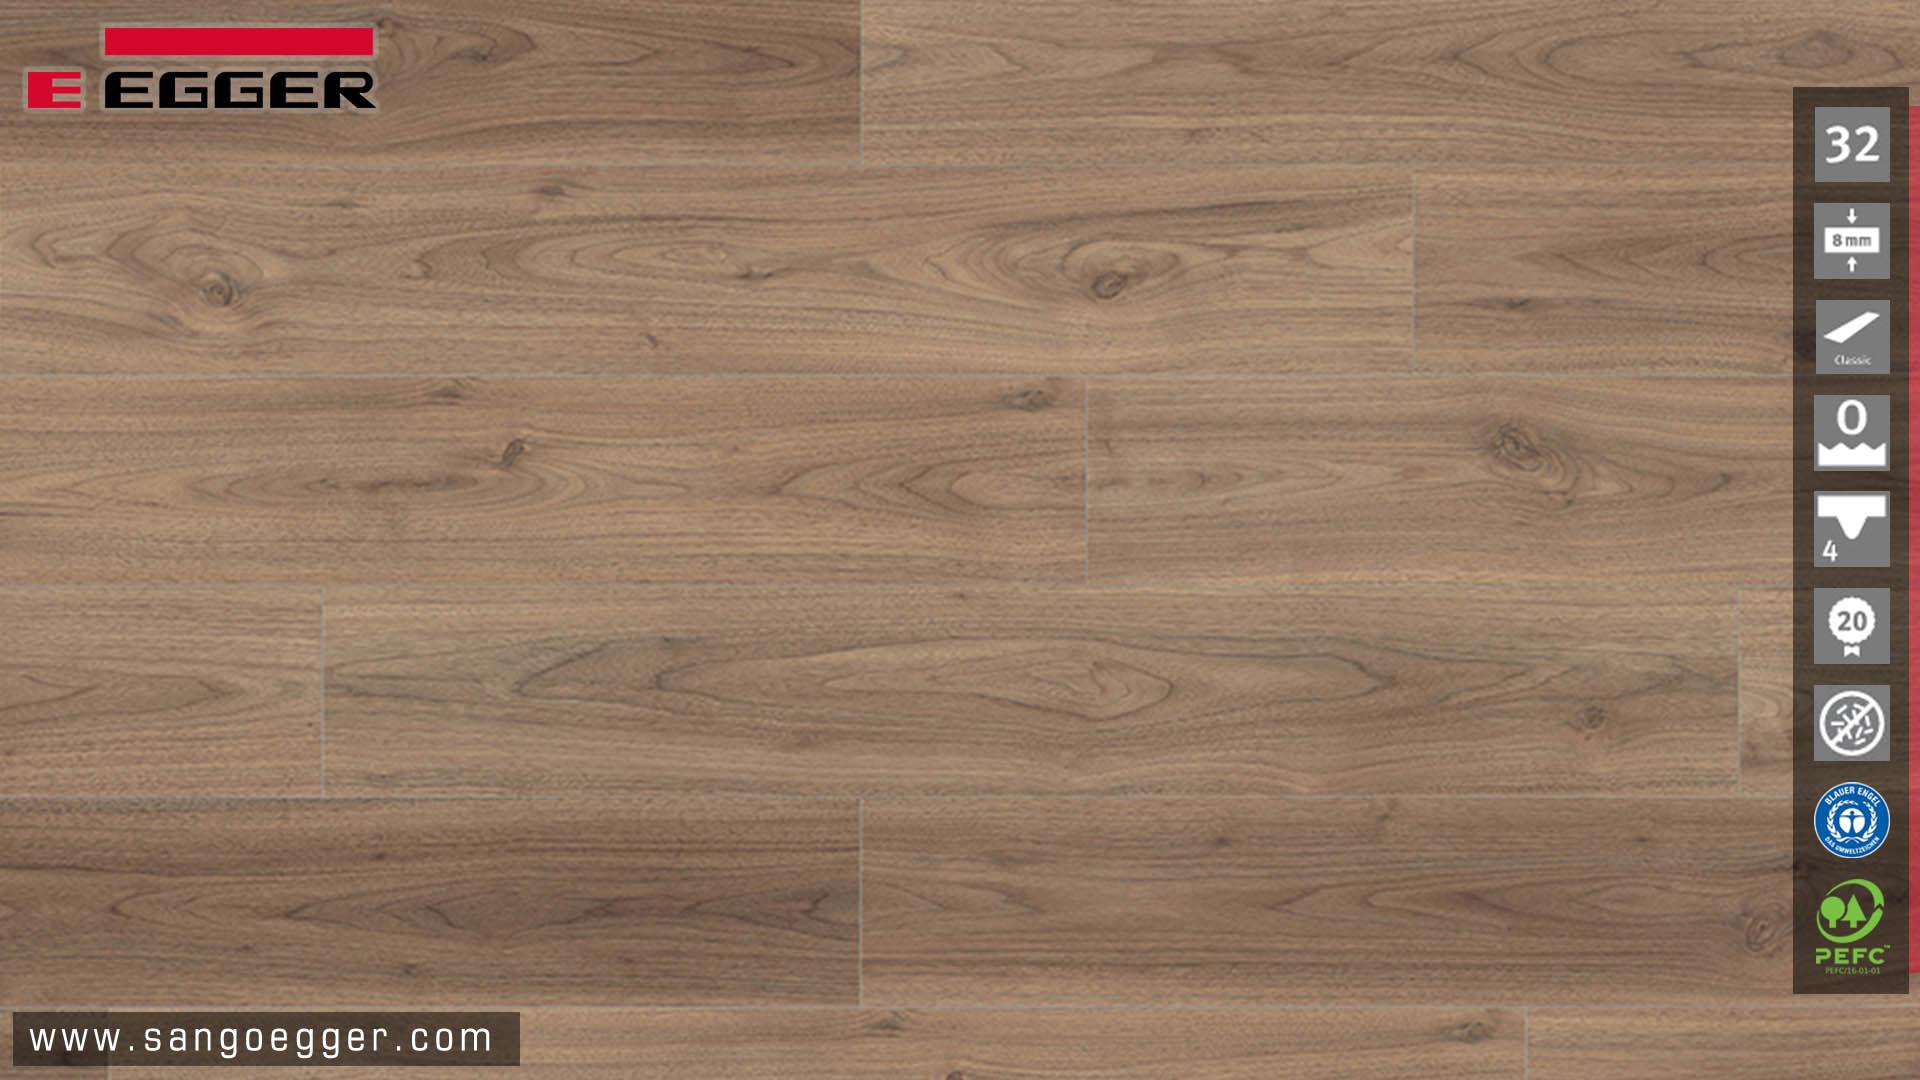 Vân bề mặt của sàn gỗ Egger EPL065 Classic